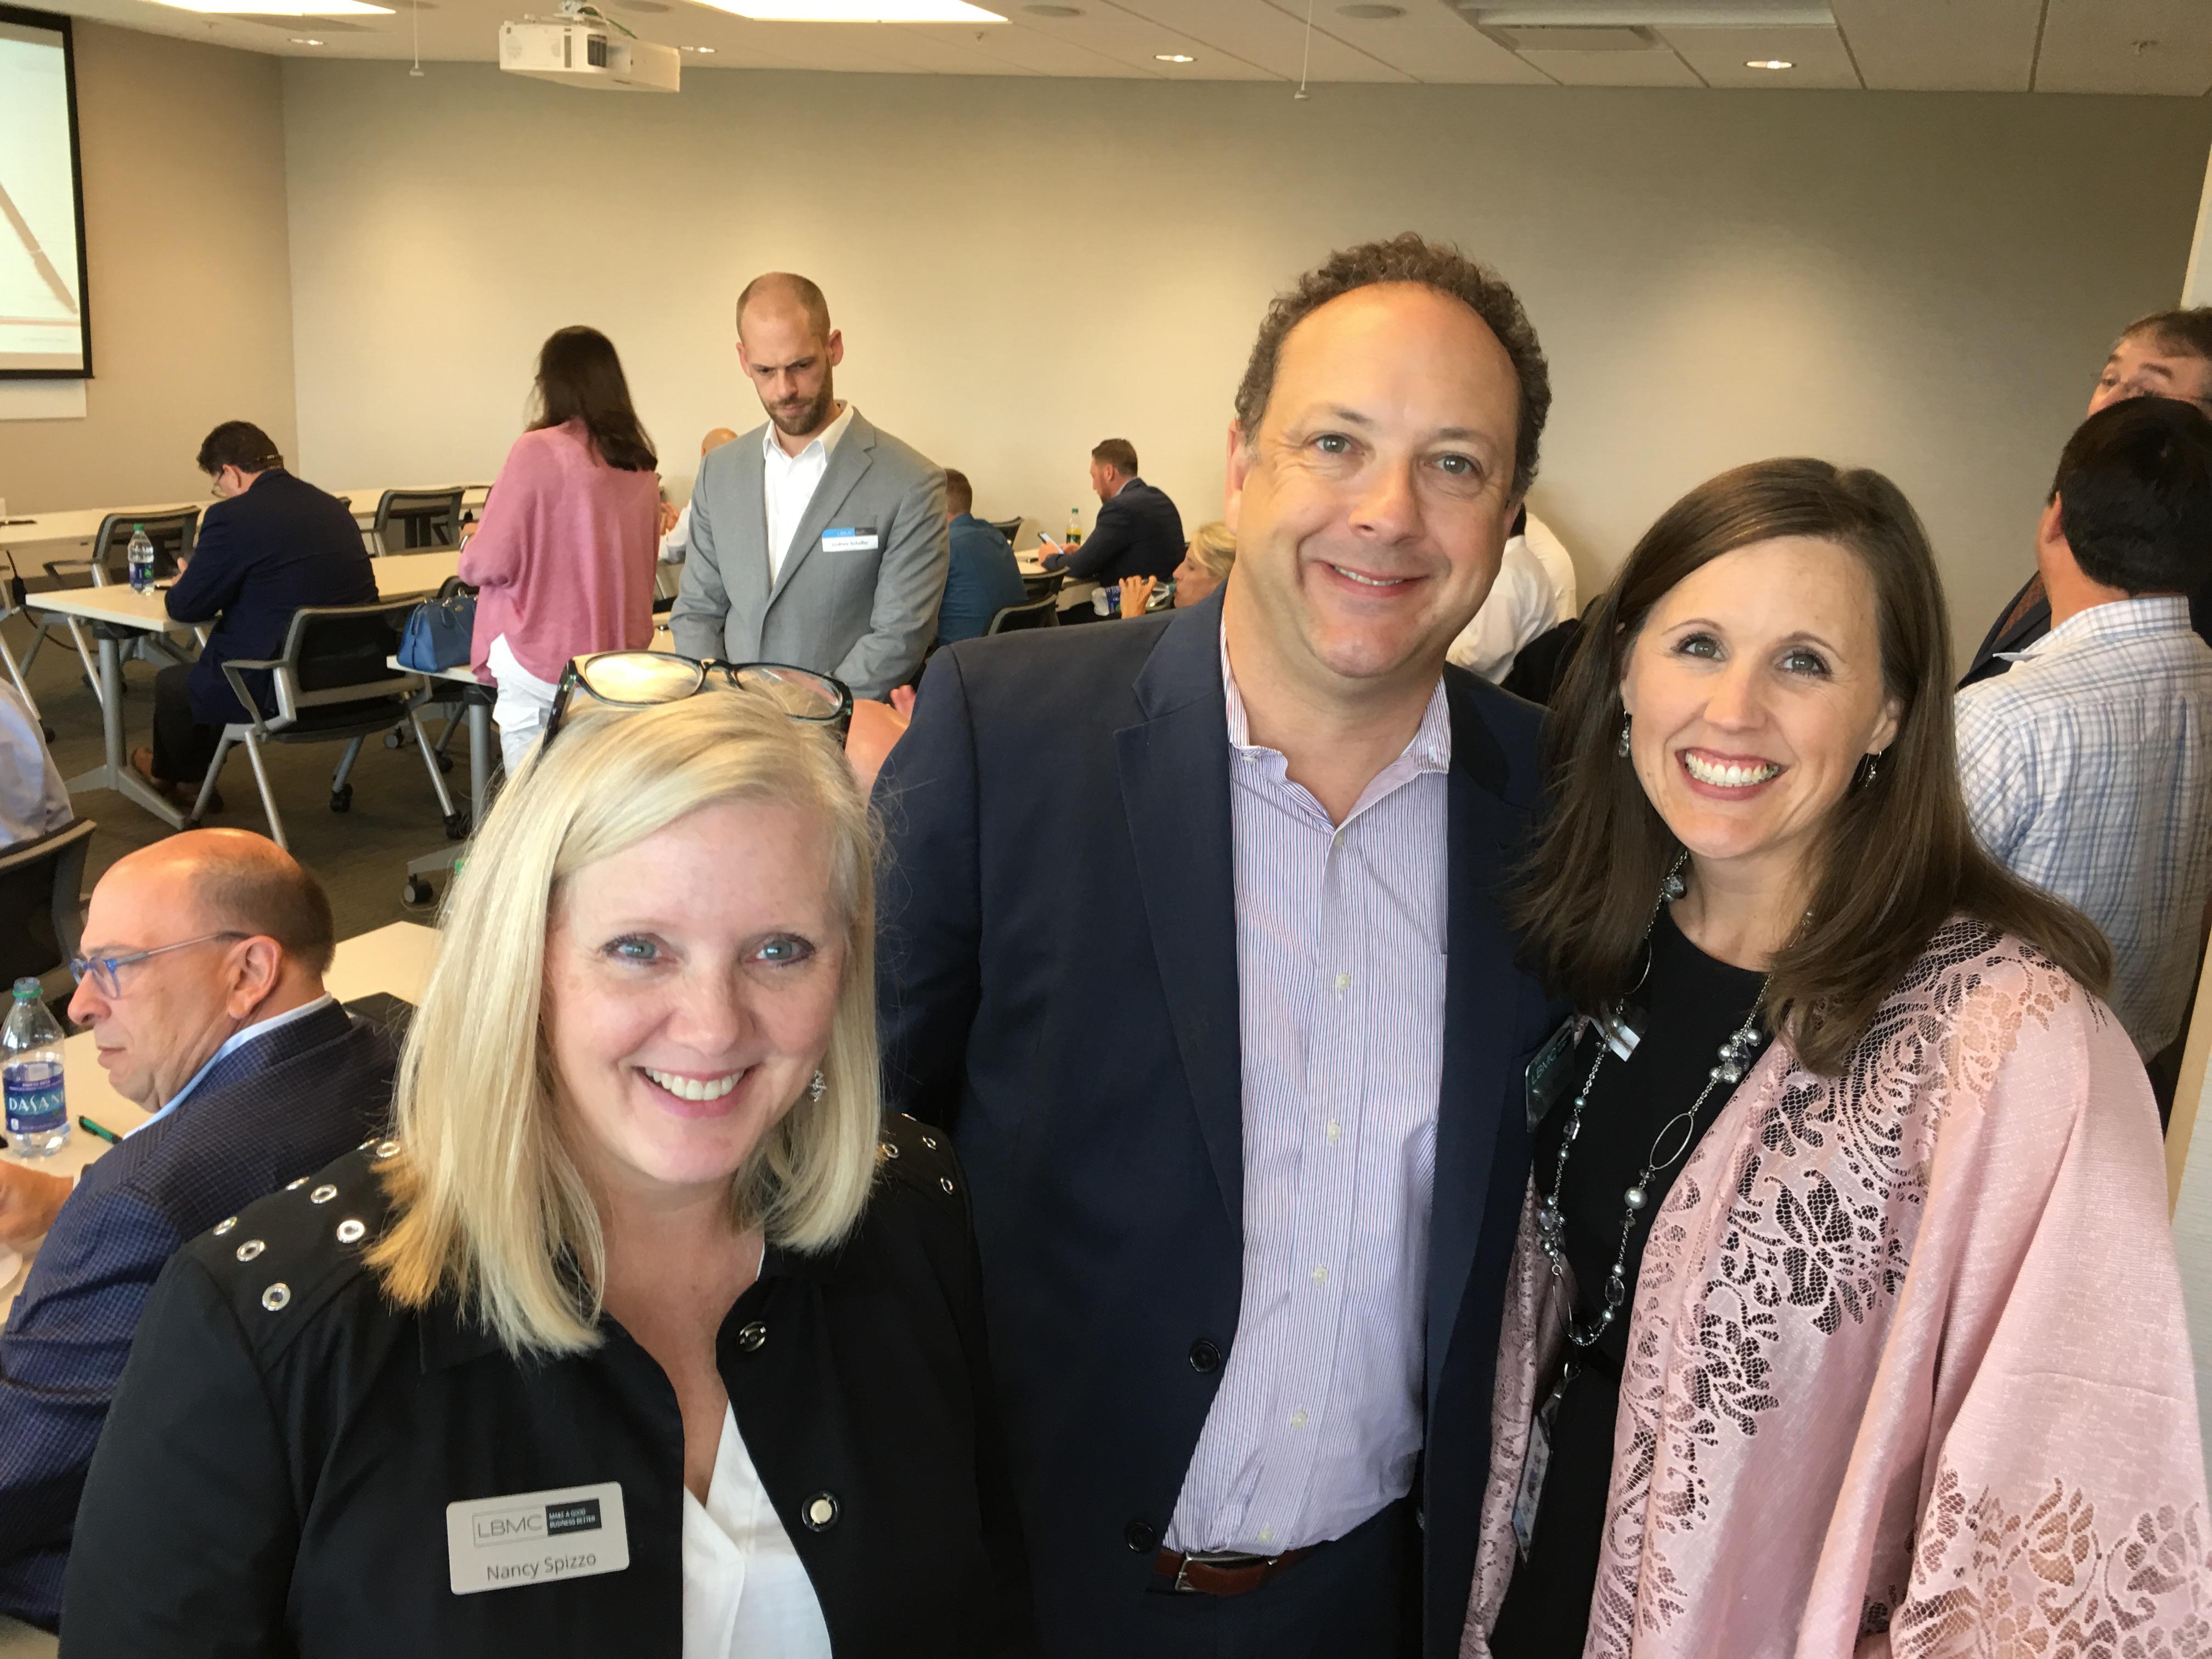 HITRUST Community Extension Program in Nashville - Nancy Spizzo, Ashley Barton, Robyn Barton